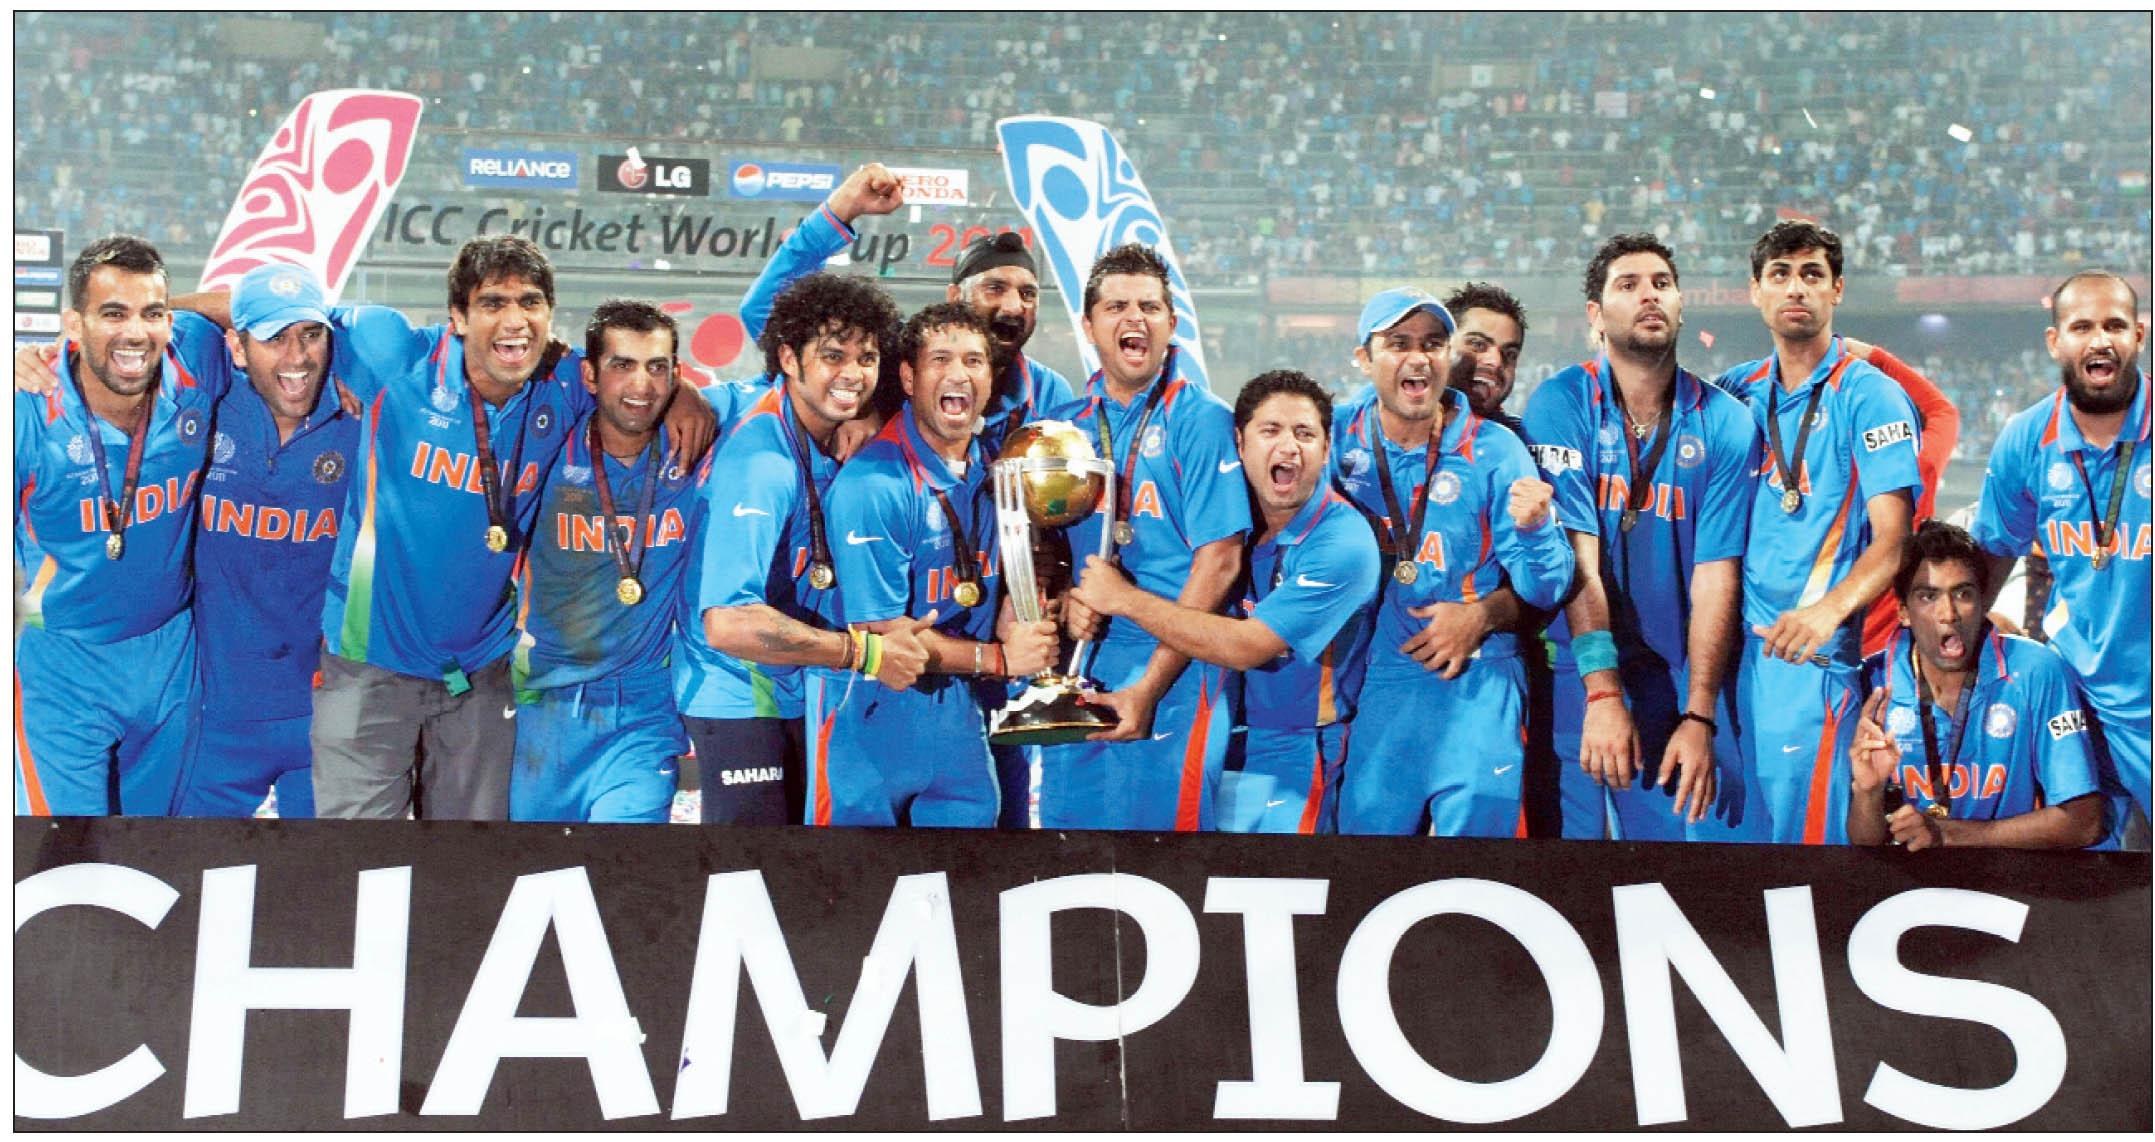 बड़ी खबर: आईसीसी विश्वकप के साथ भारत को मिली चैम्पियन्स ट्राफी की मेजबानी, इस साल खेला जायेगा ये दोनों टूर्नामेंट 10